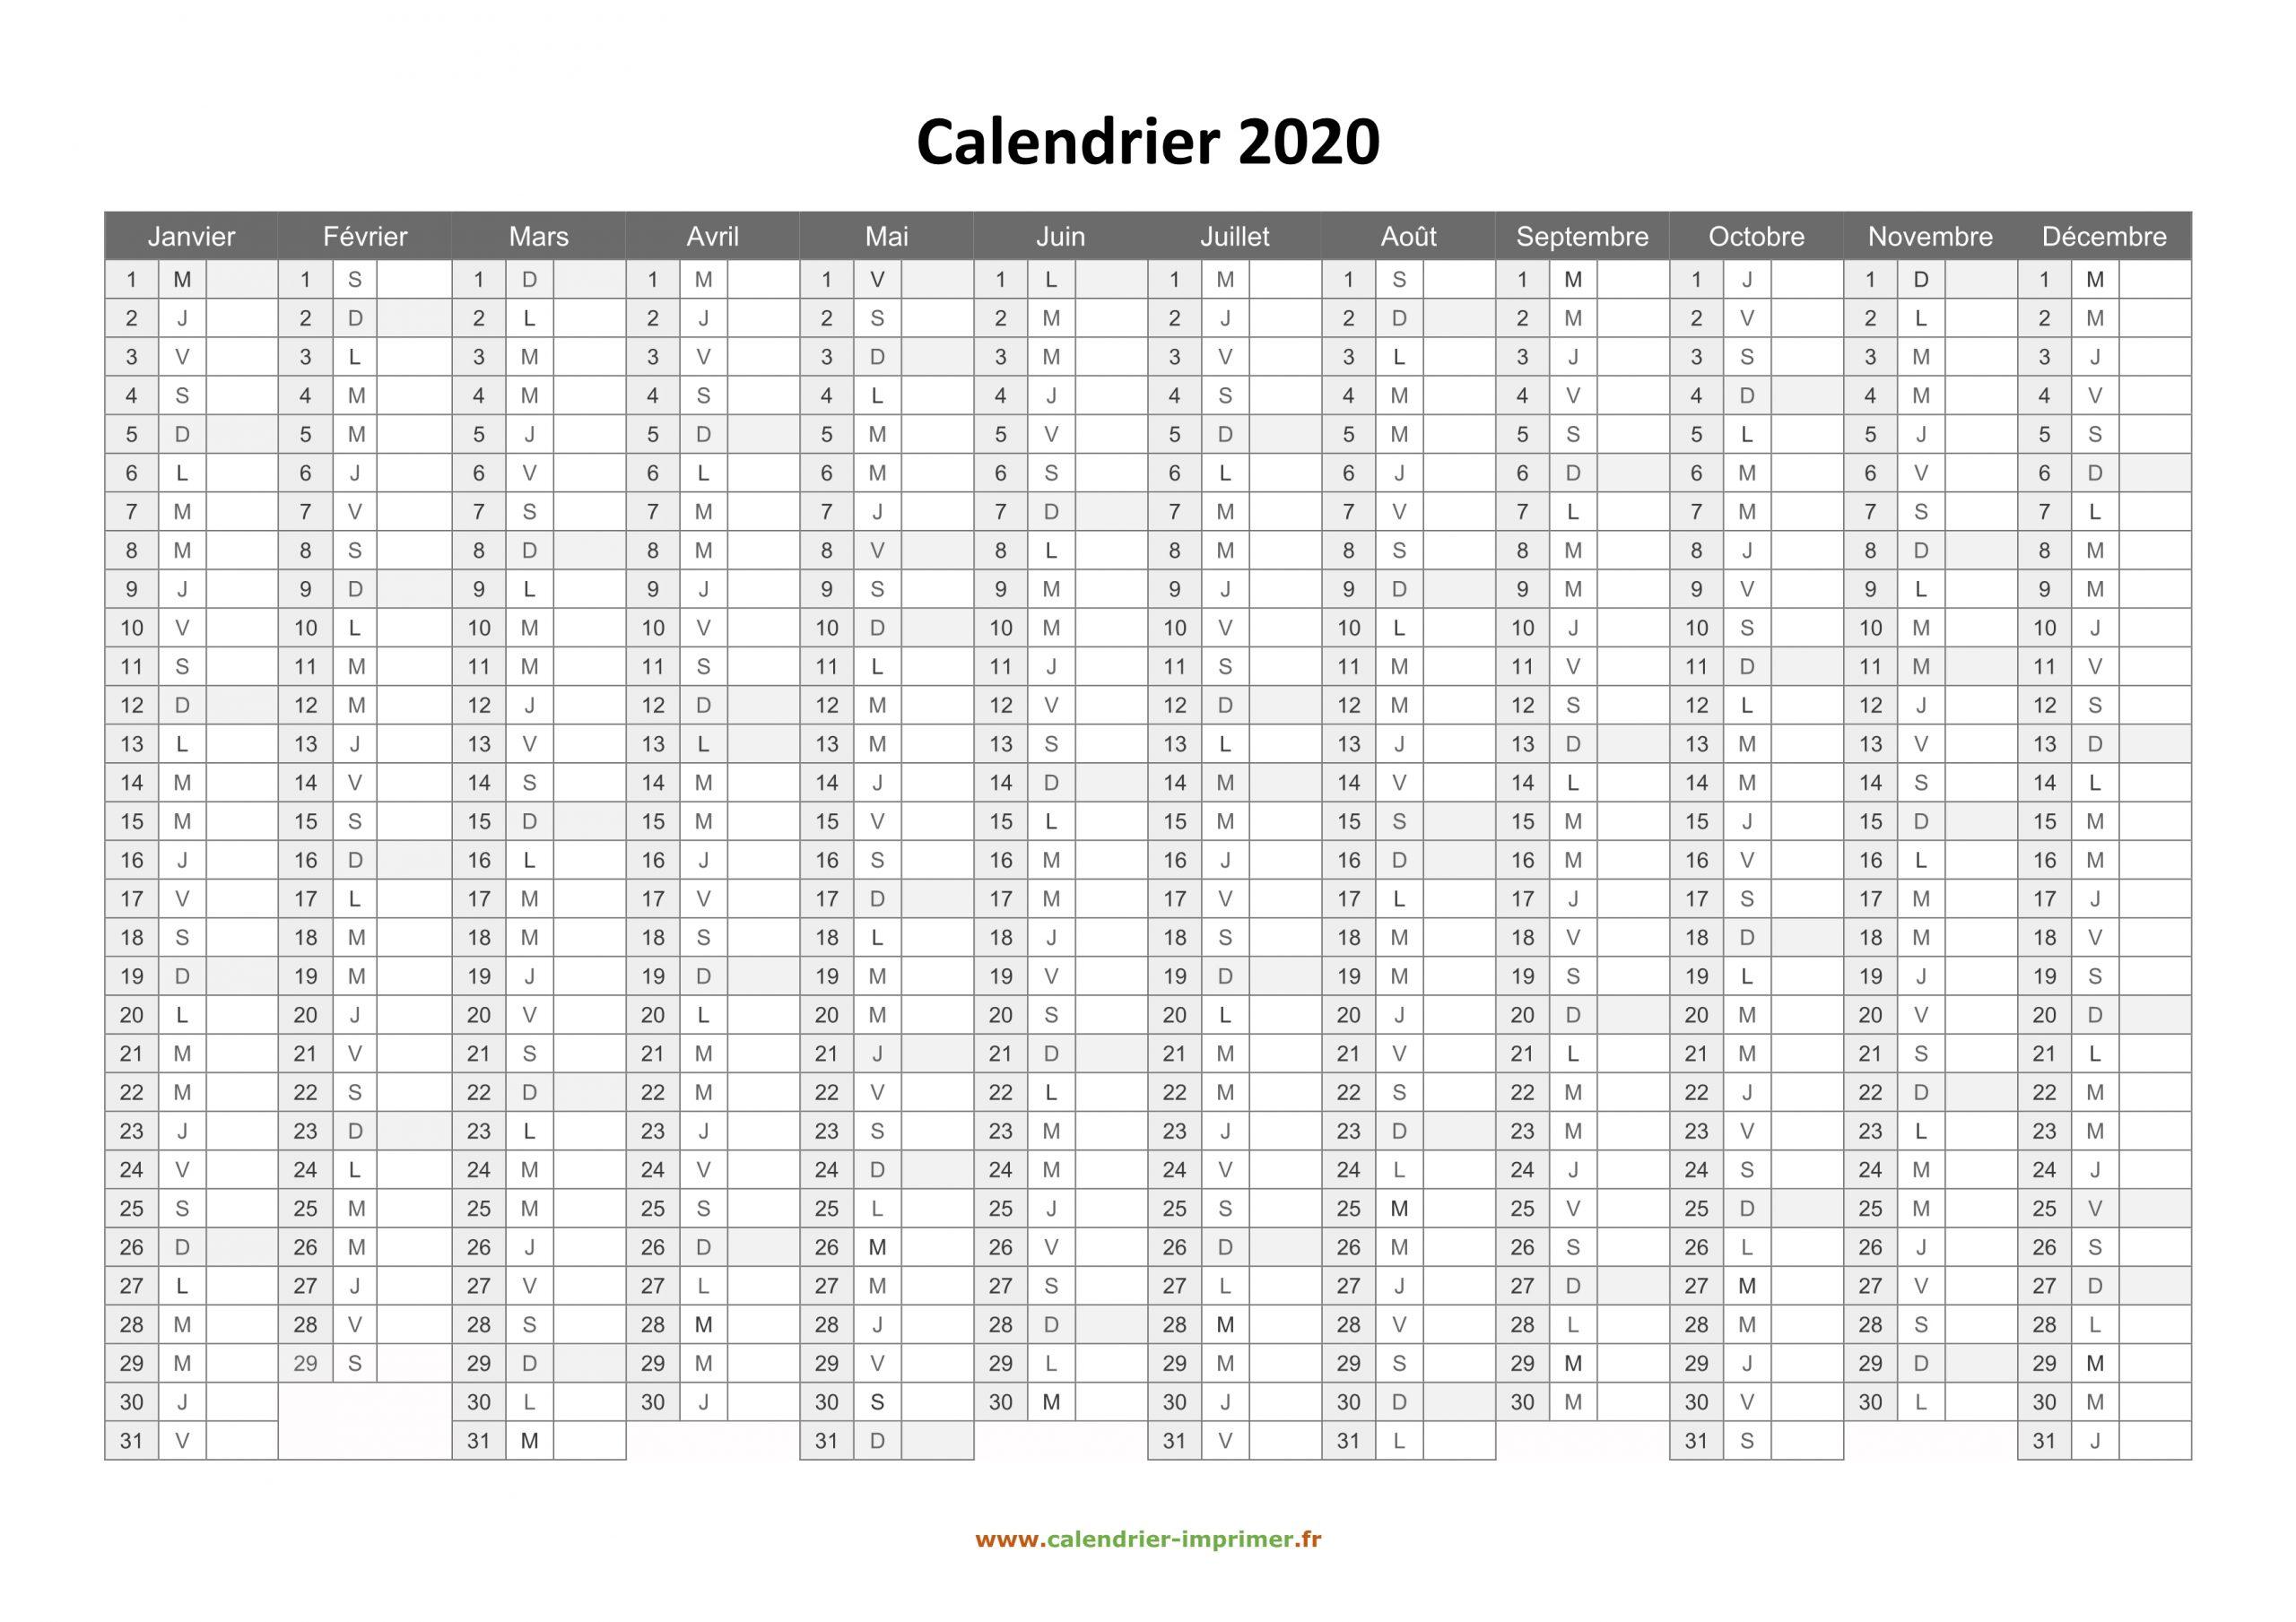 Calendrier 2020 À Imprimer Gratuit à Calendrier 2018 À Imprimer Avec Vacances Scolaires